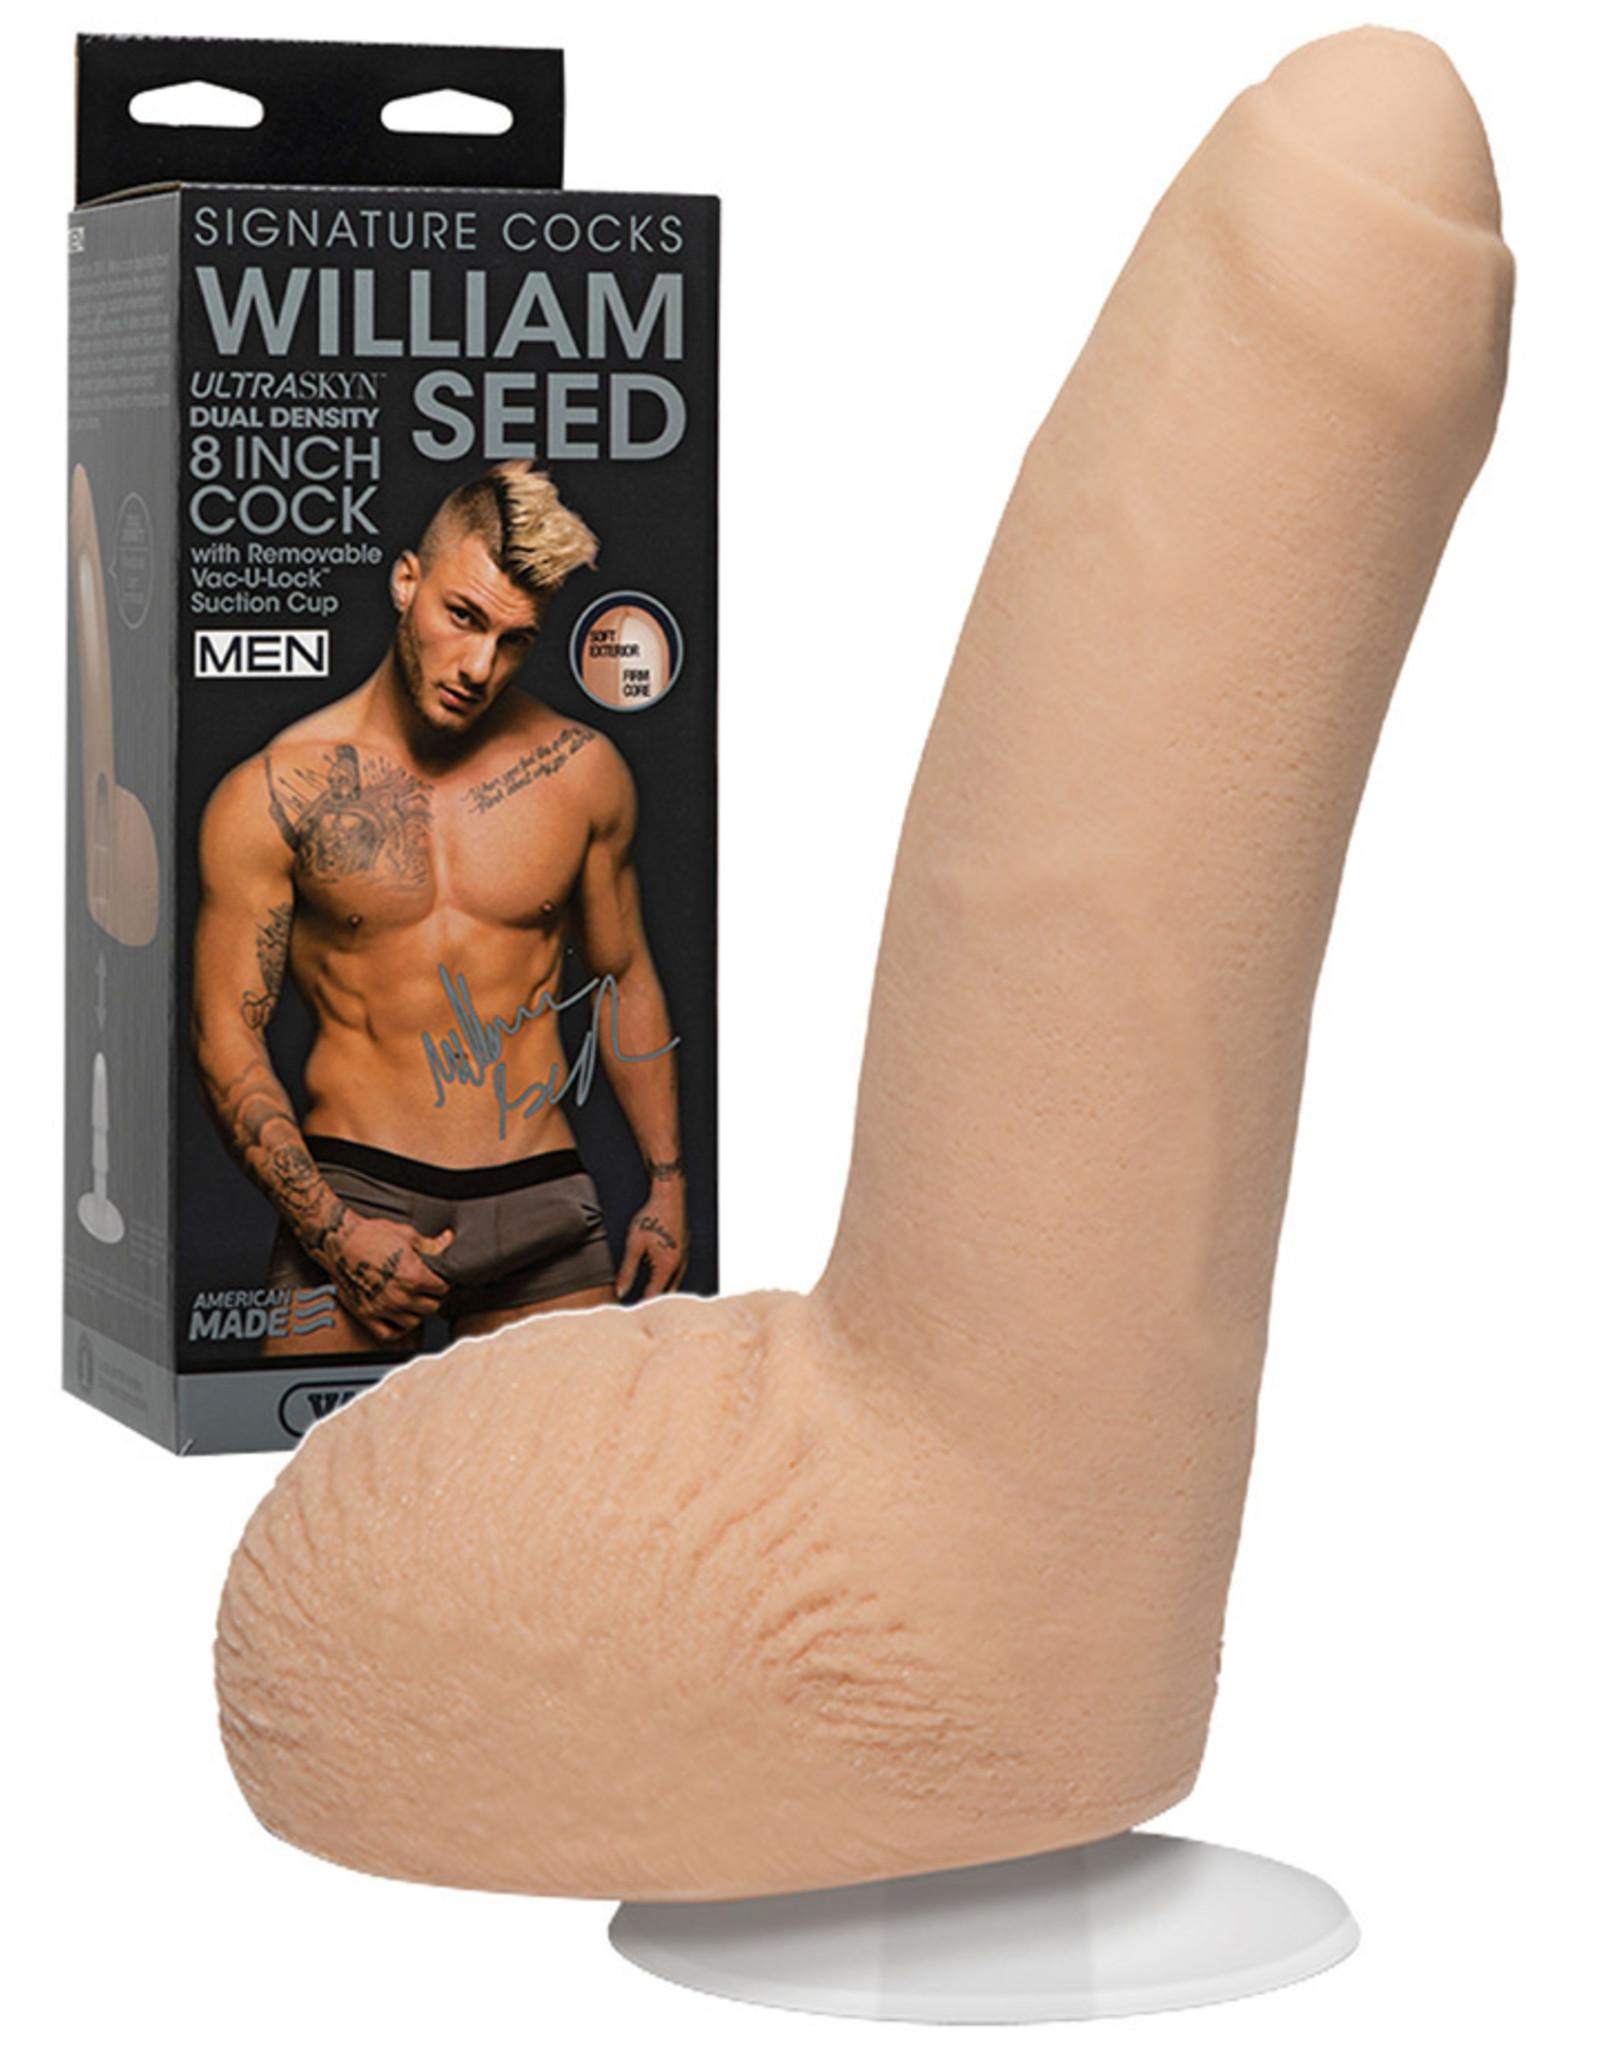 Signature Cocks - William